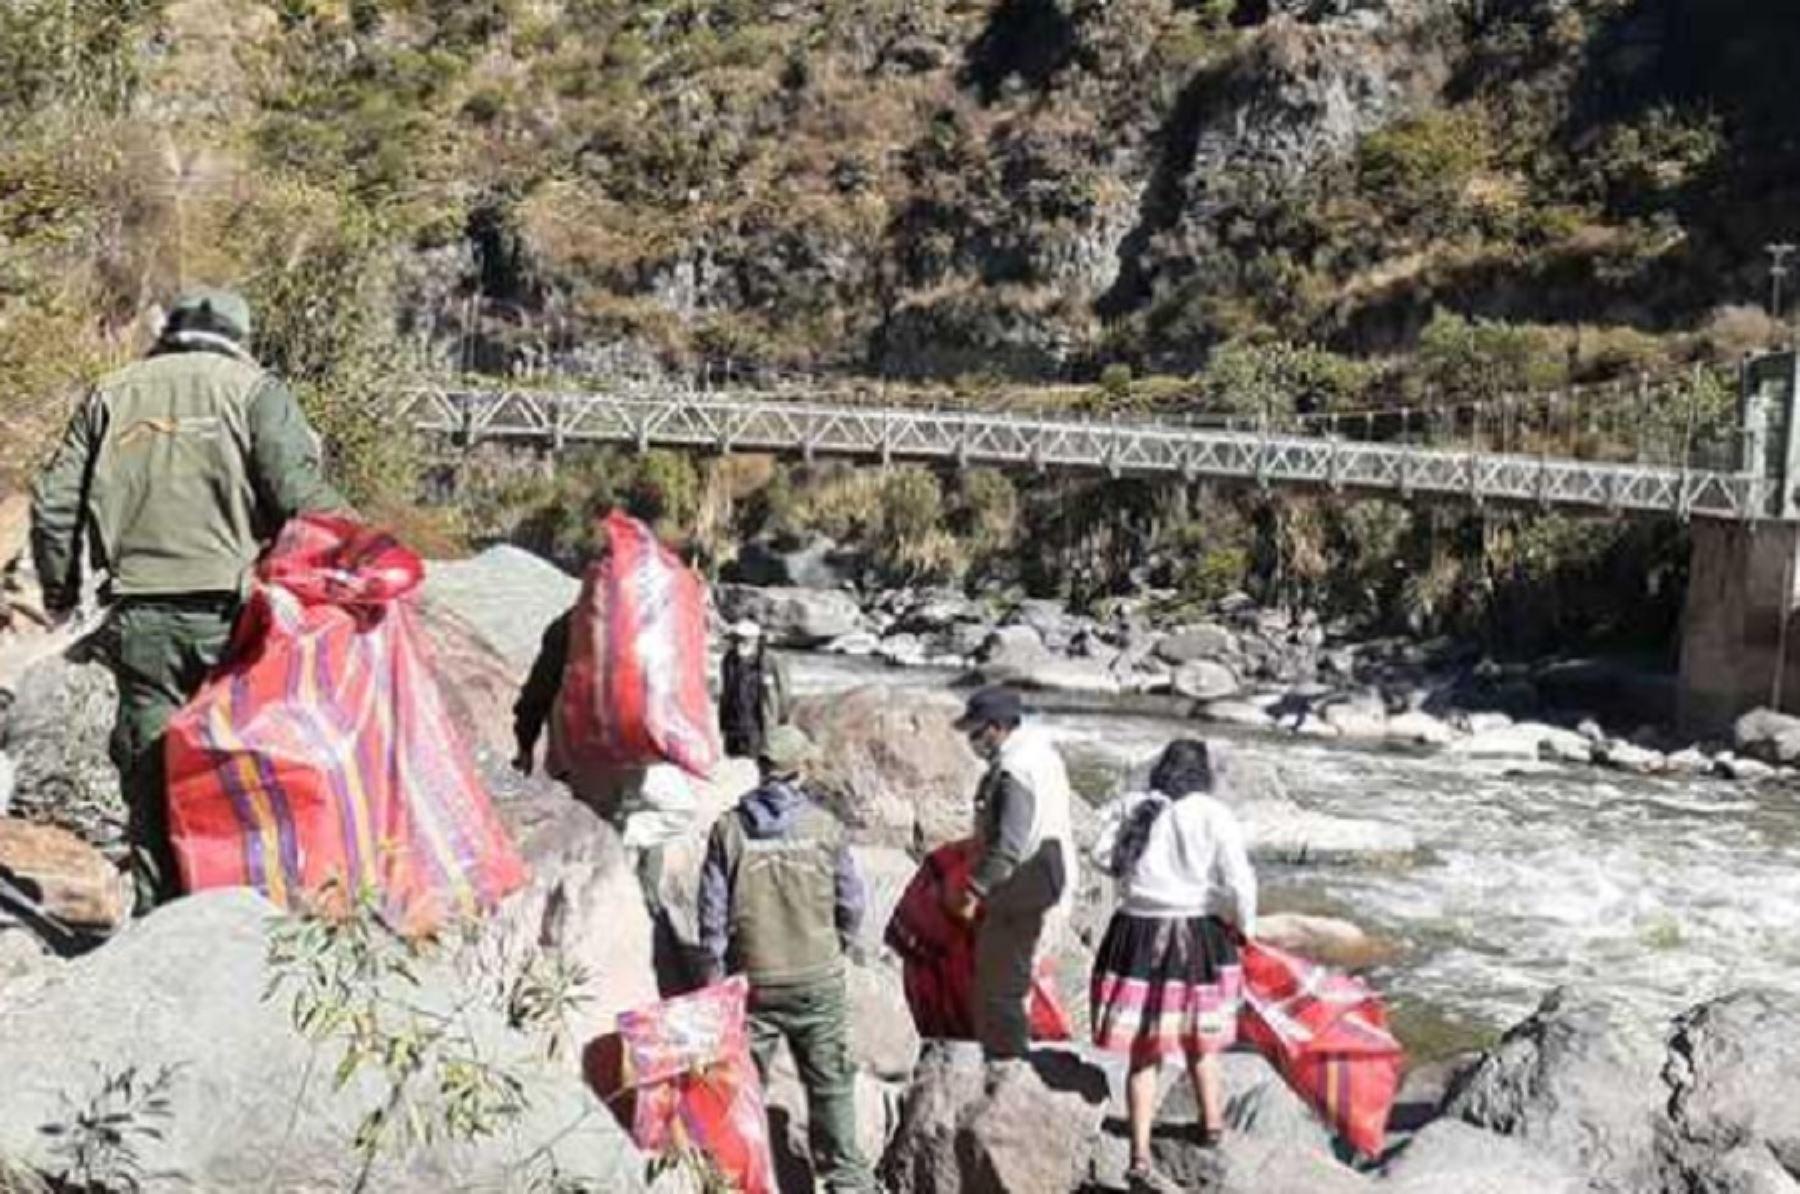 Alrededor de 660 kilogramos de residuos inorgánicos fueron retirados de la ribera del río Vilcanota, como parte de la jornada de limpieza desarrollada por el Servicio Nacional de Áreas Naturales Protegidas por el Estado (Sernanp) en el ámbito del Santuario Histórico de Machu Picchu. Foto: Sernanp.